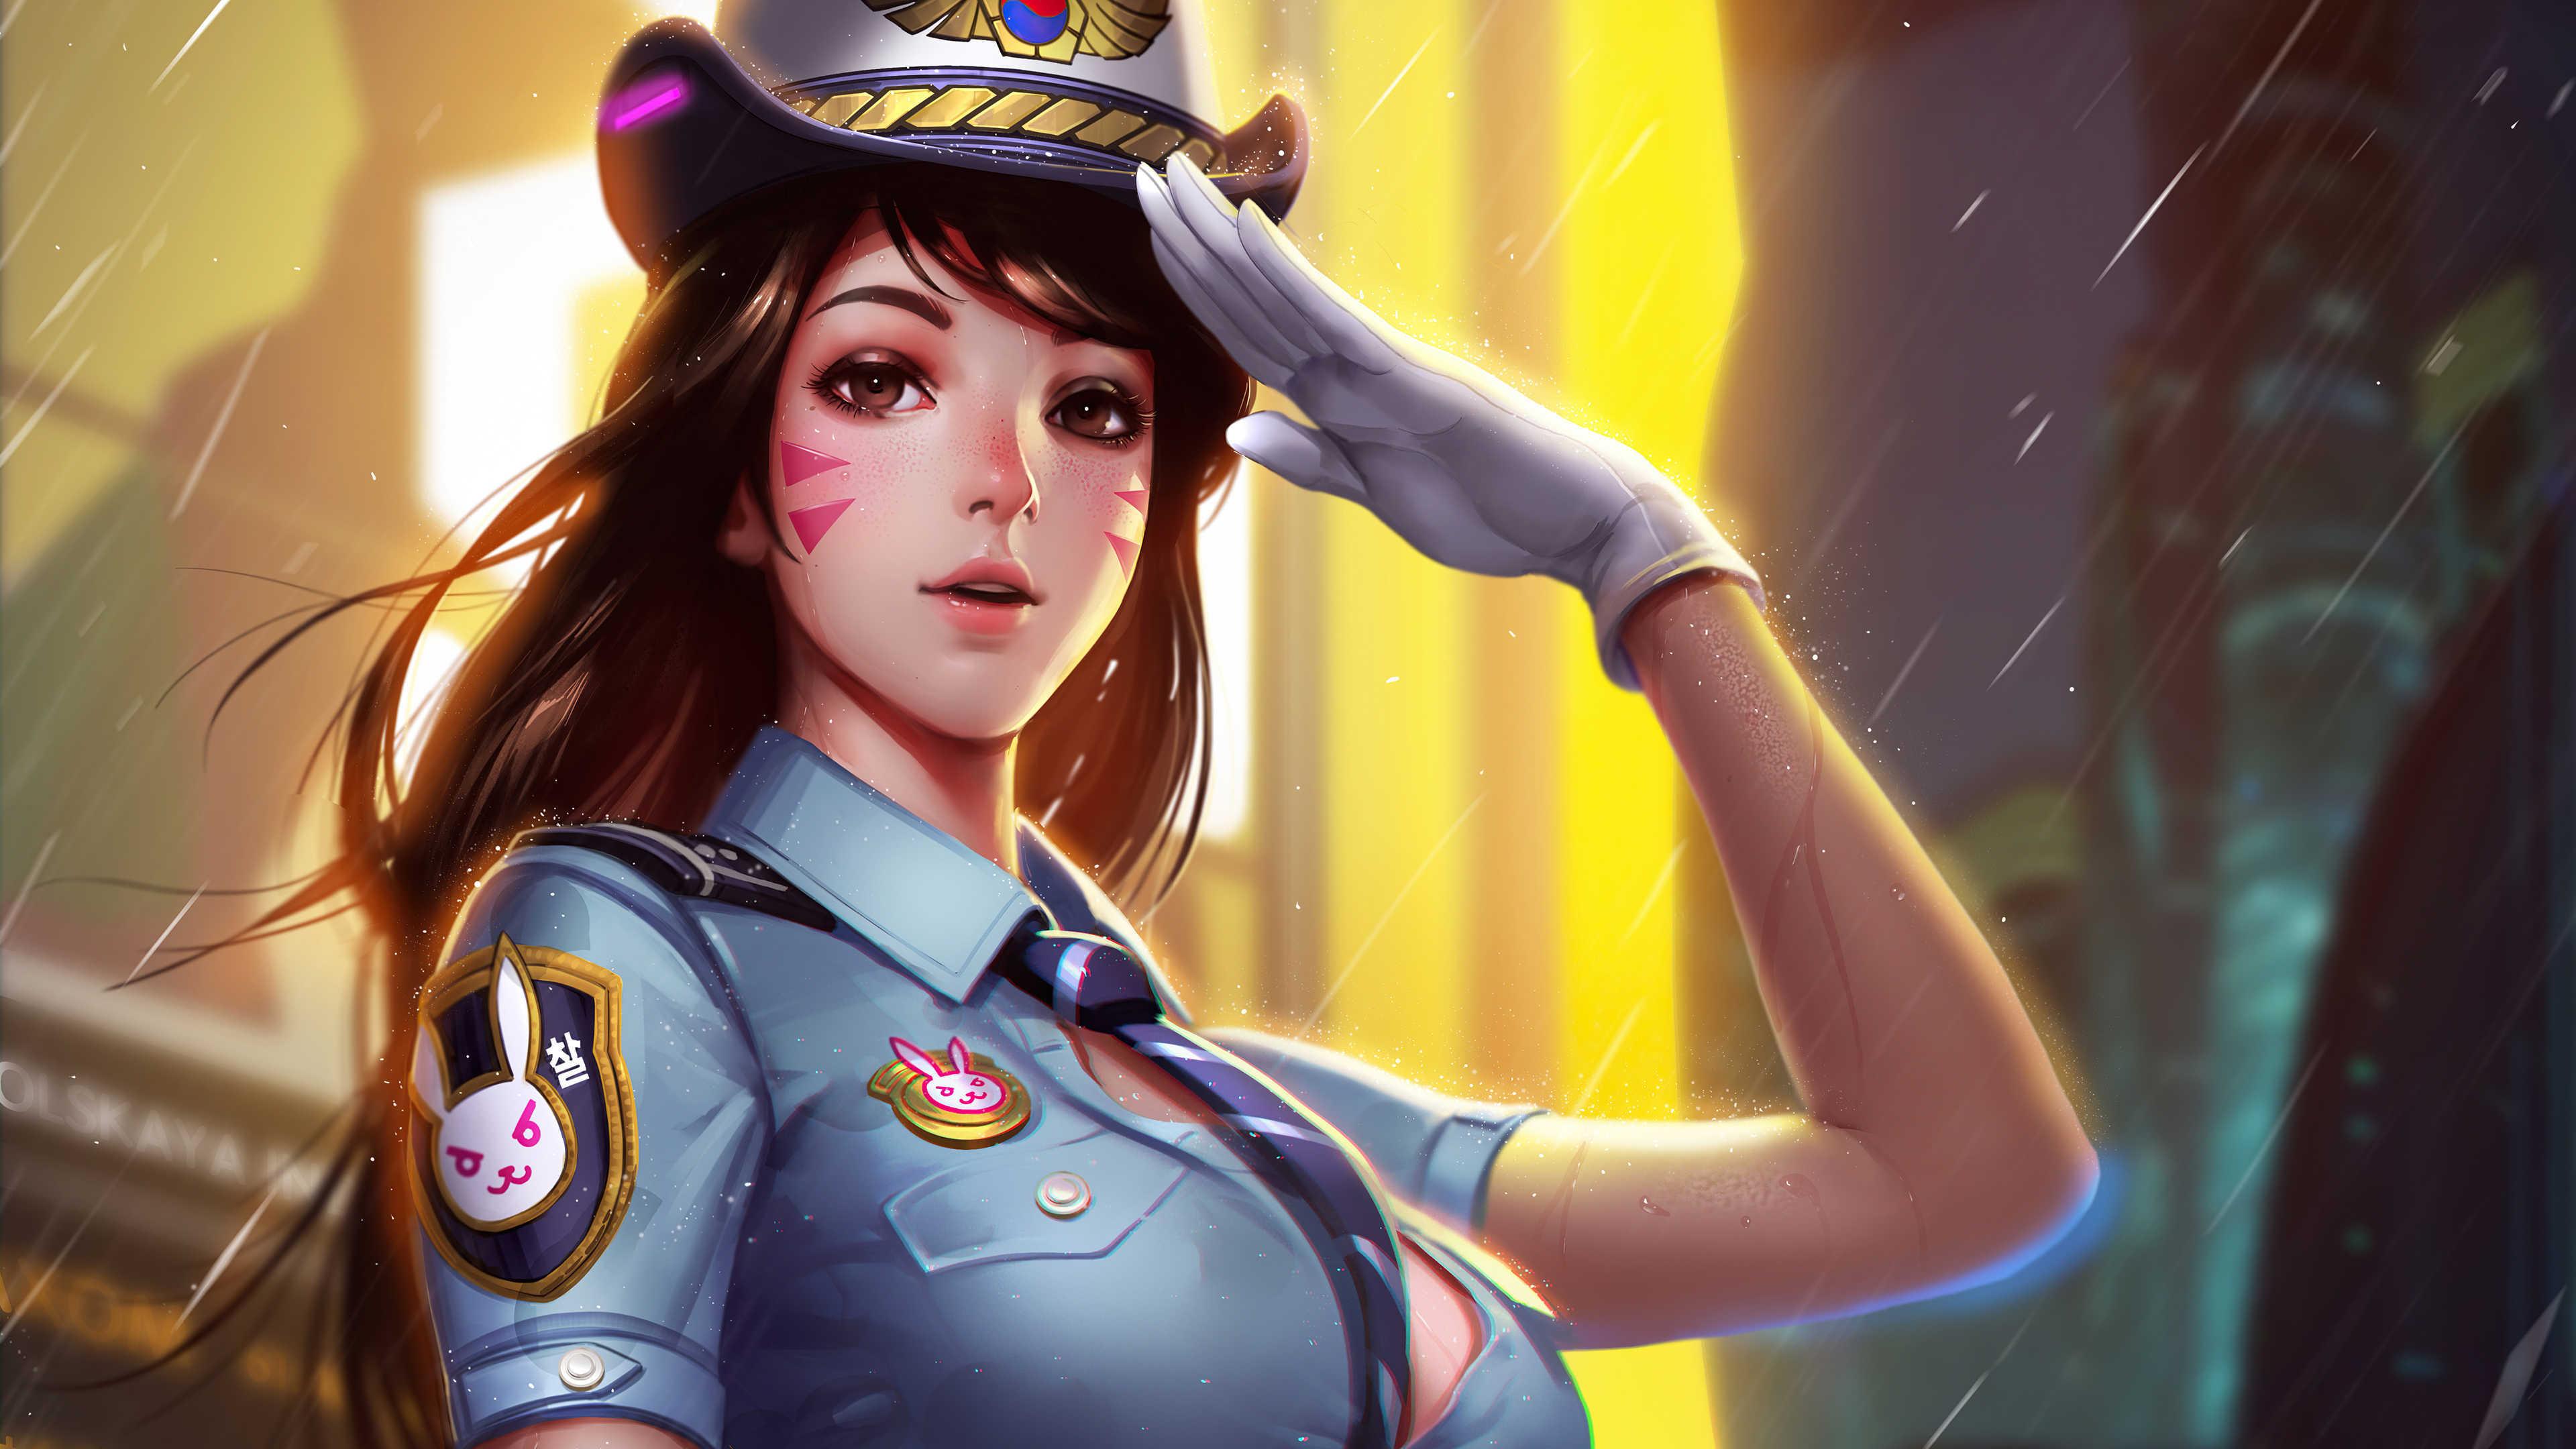 Overwatch Girl D.Va Police Eyes Brown Hair Uniform Hat Long Hair Wallpaper Brown